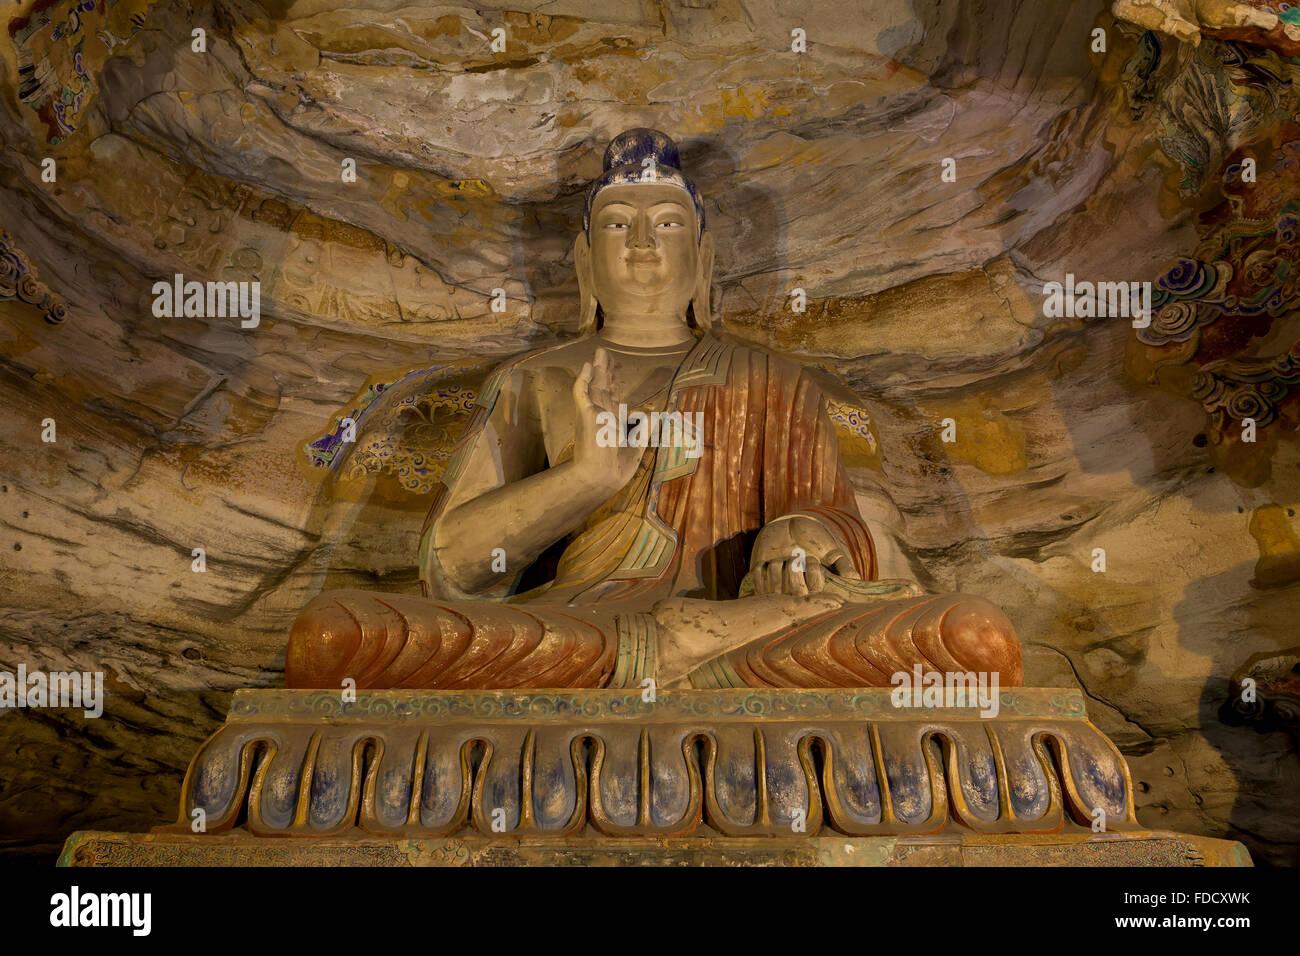 Stone Buddha statue at Yungang Grottoes, Datong, Shanxi province, China - Stock Image